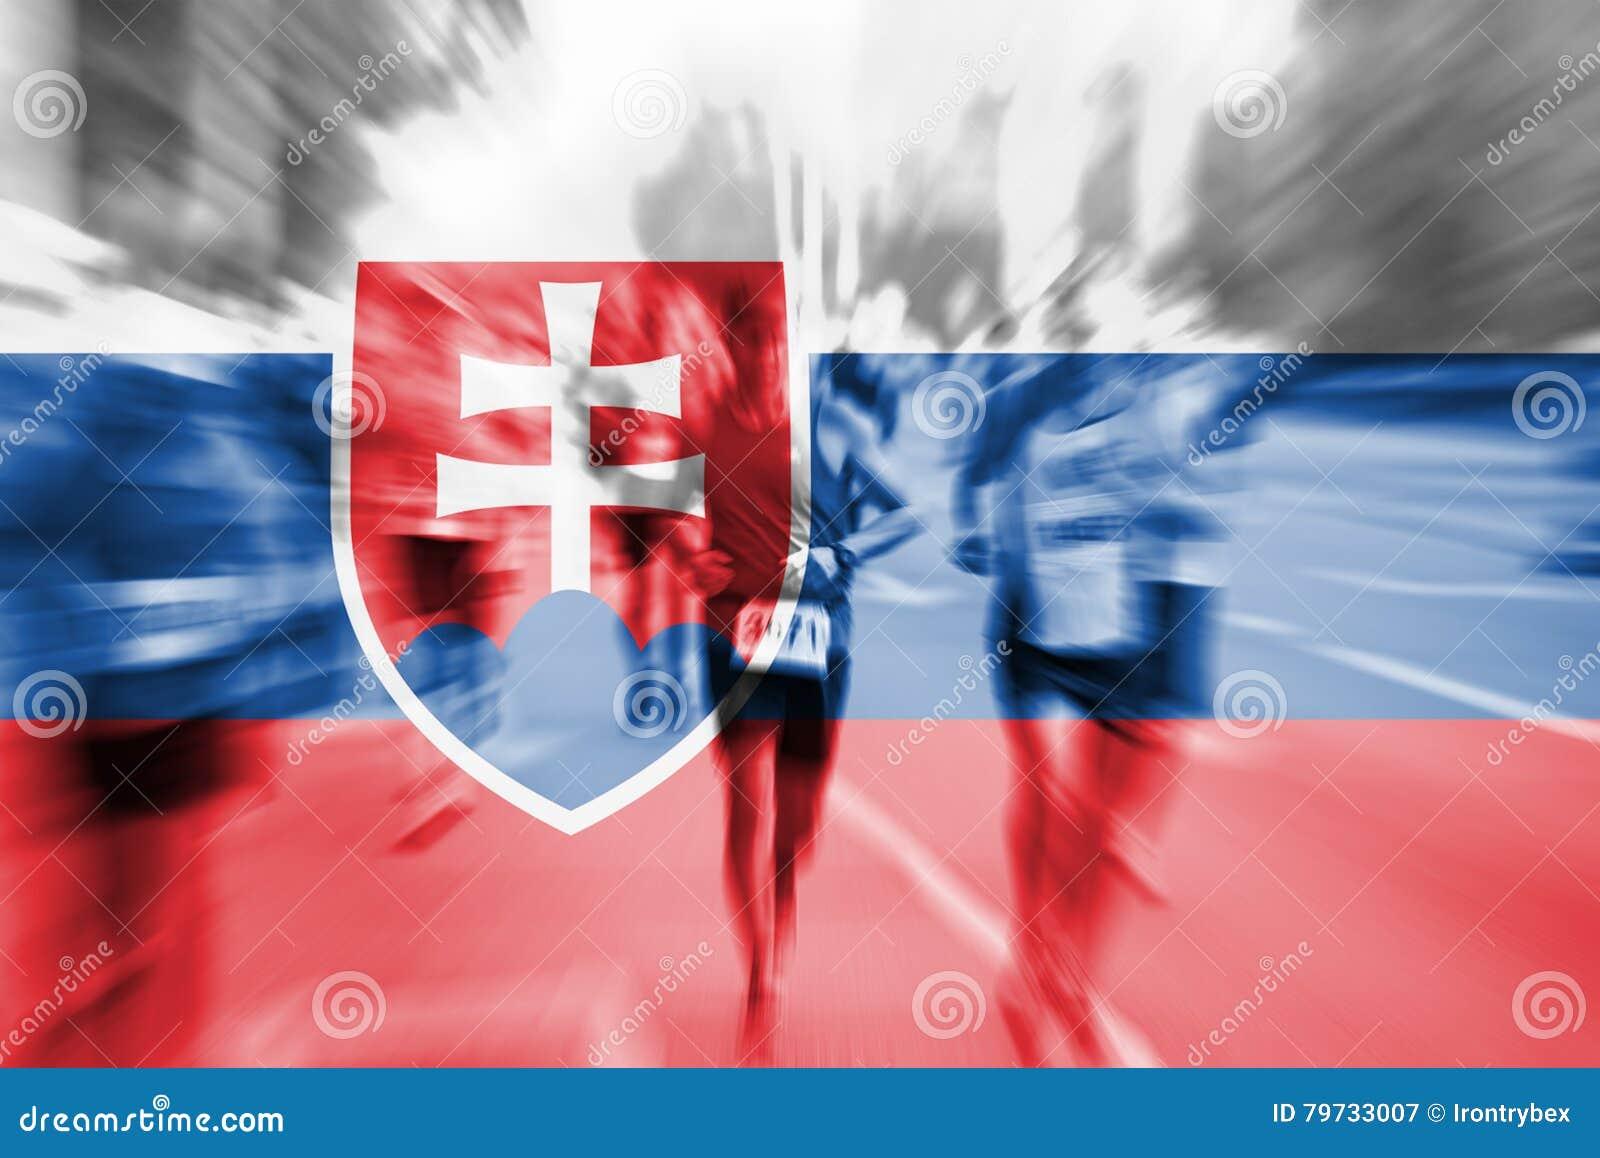 Falta de definición de movimiento del corredor de maratón con la mezcla de la bandera de Eslovaquia